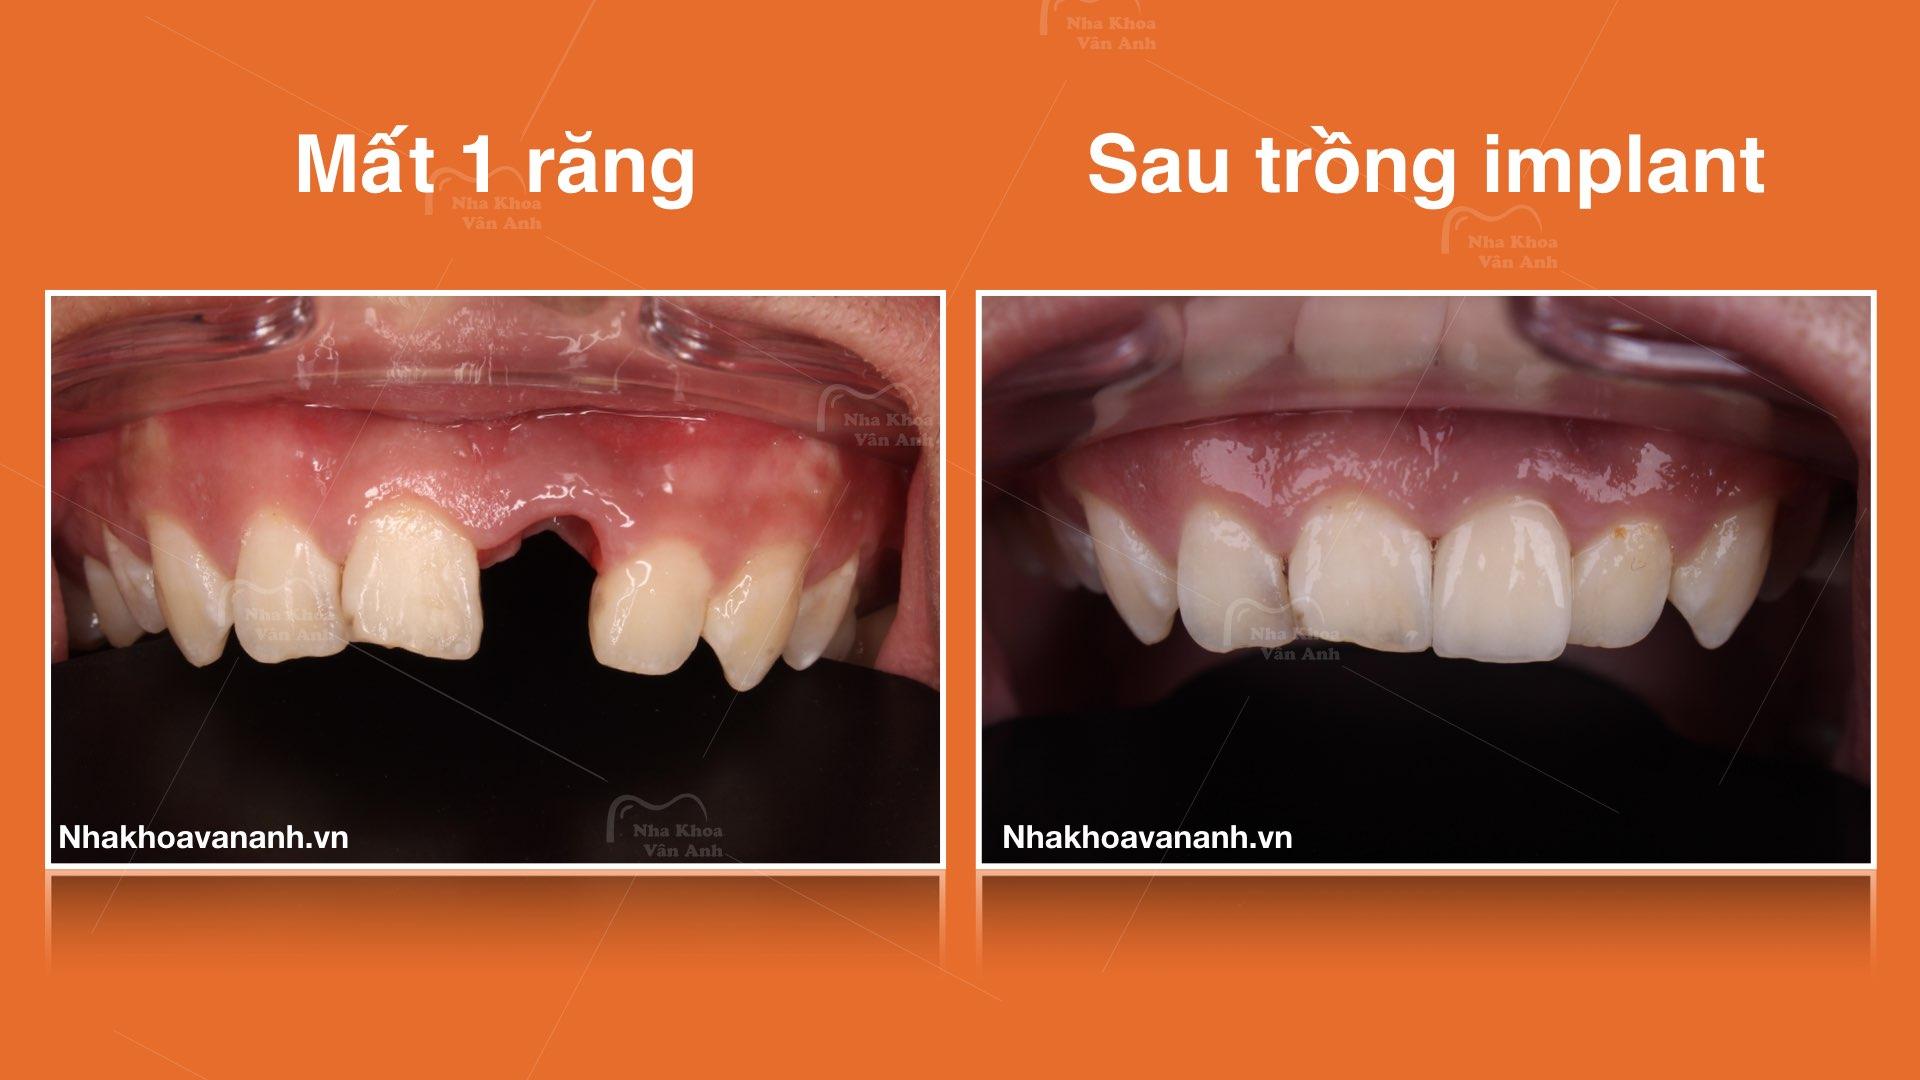 Giải pháp nào tốt nhất cho người mất răng